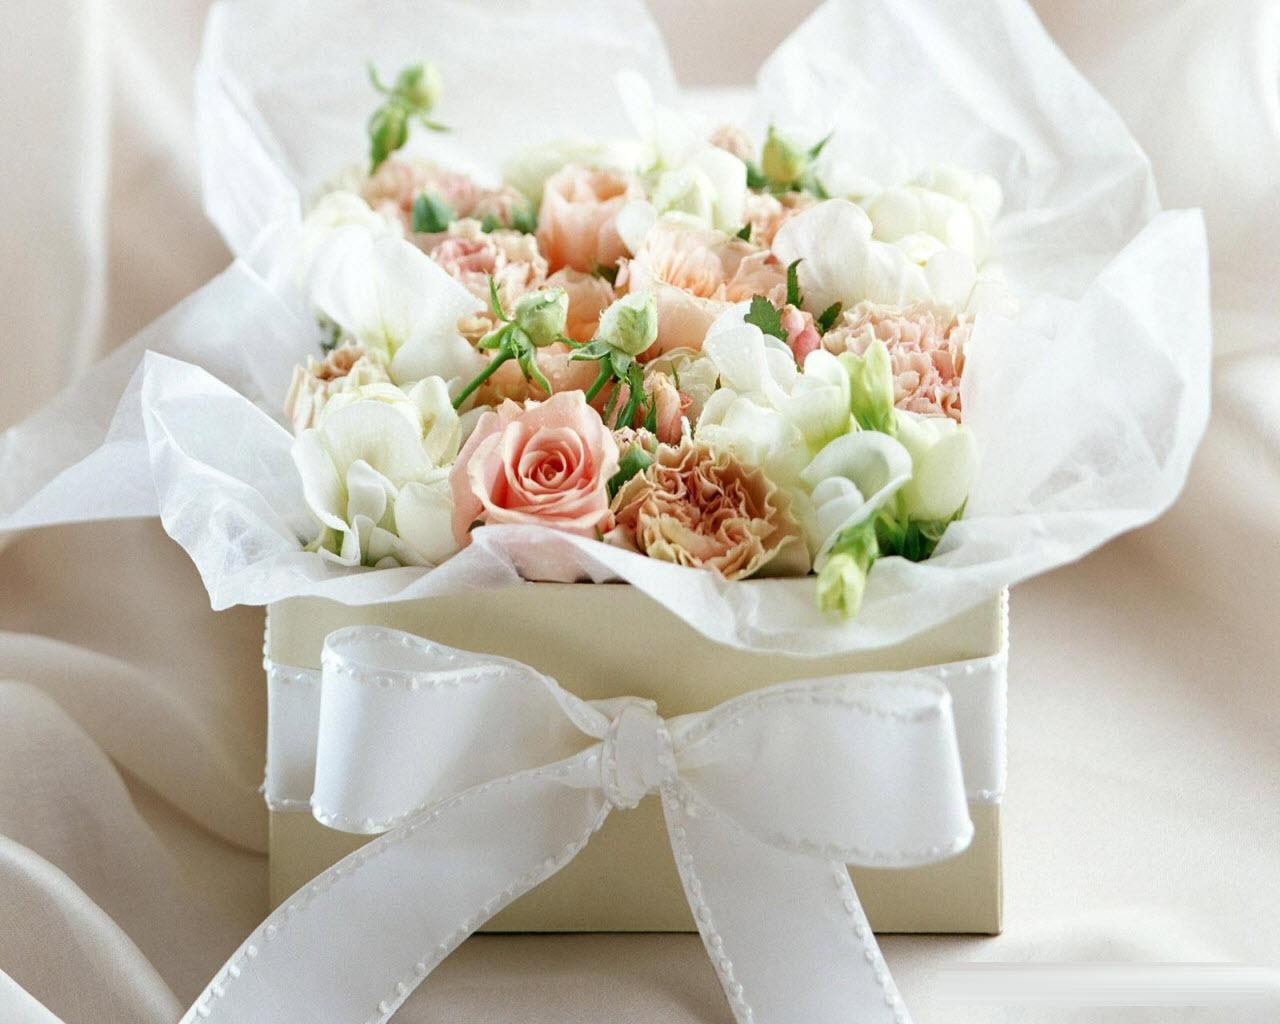 Ảnh lẵng hoa hồng đẹp